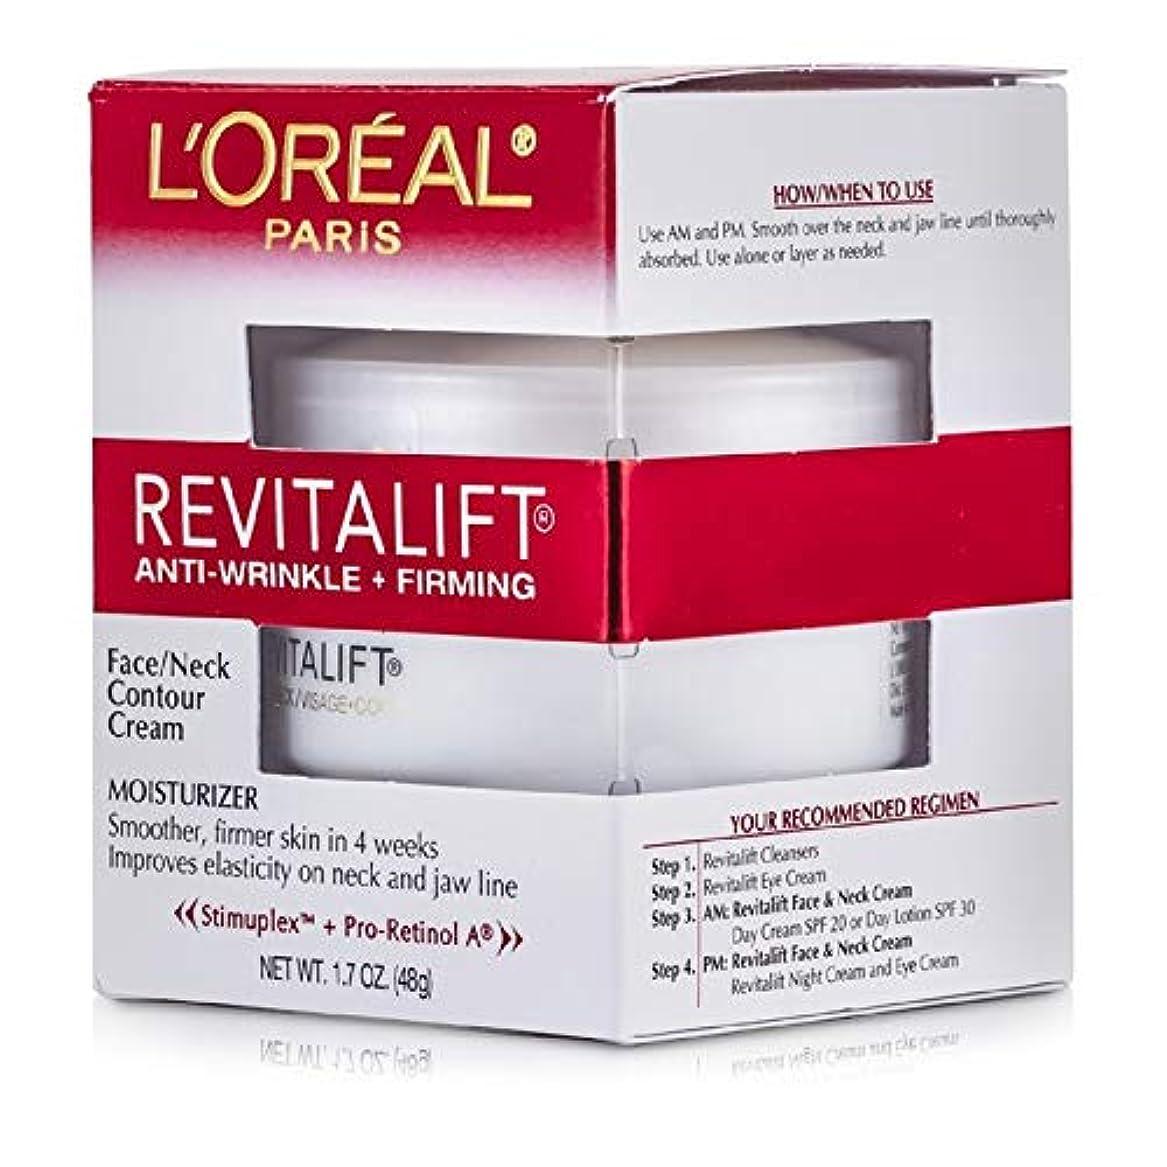 文字通り栄養適用するロレアルパリ リバイタリフトアンチリンクル+ファーミングフェイス ネックコントゥールクリーム 48g